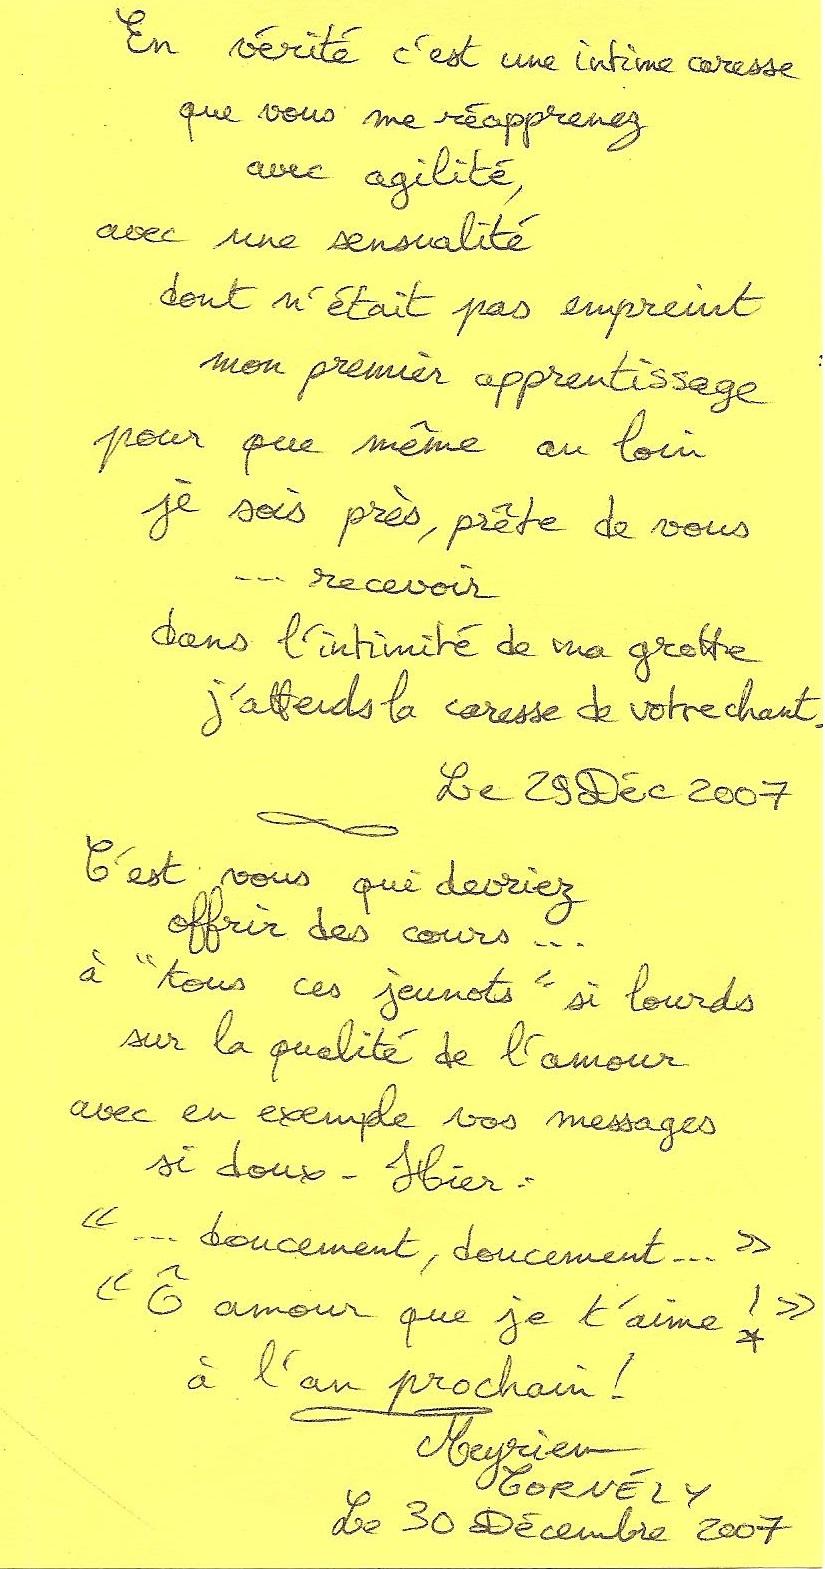 billets d'amour-3